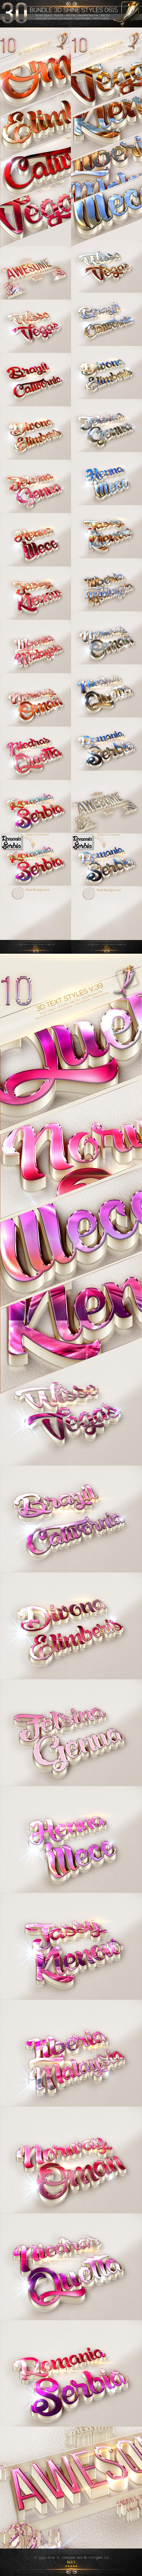 GraphicRiver 30 Bundle 3D Text Effect 0615 11927482